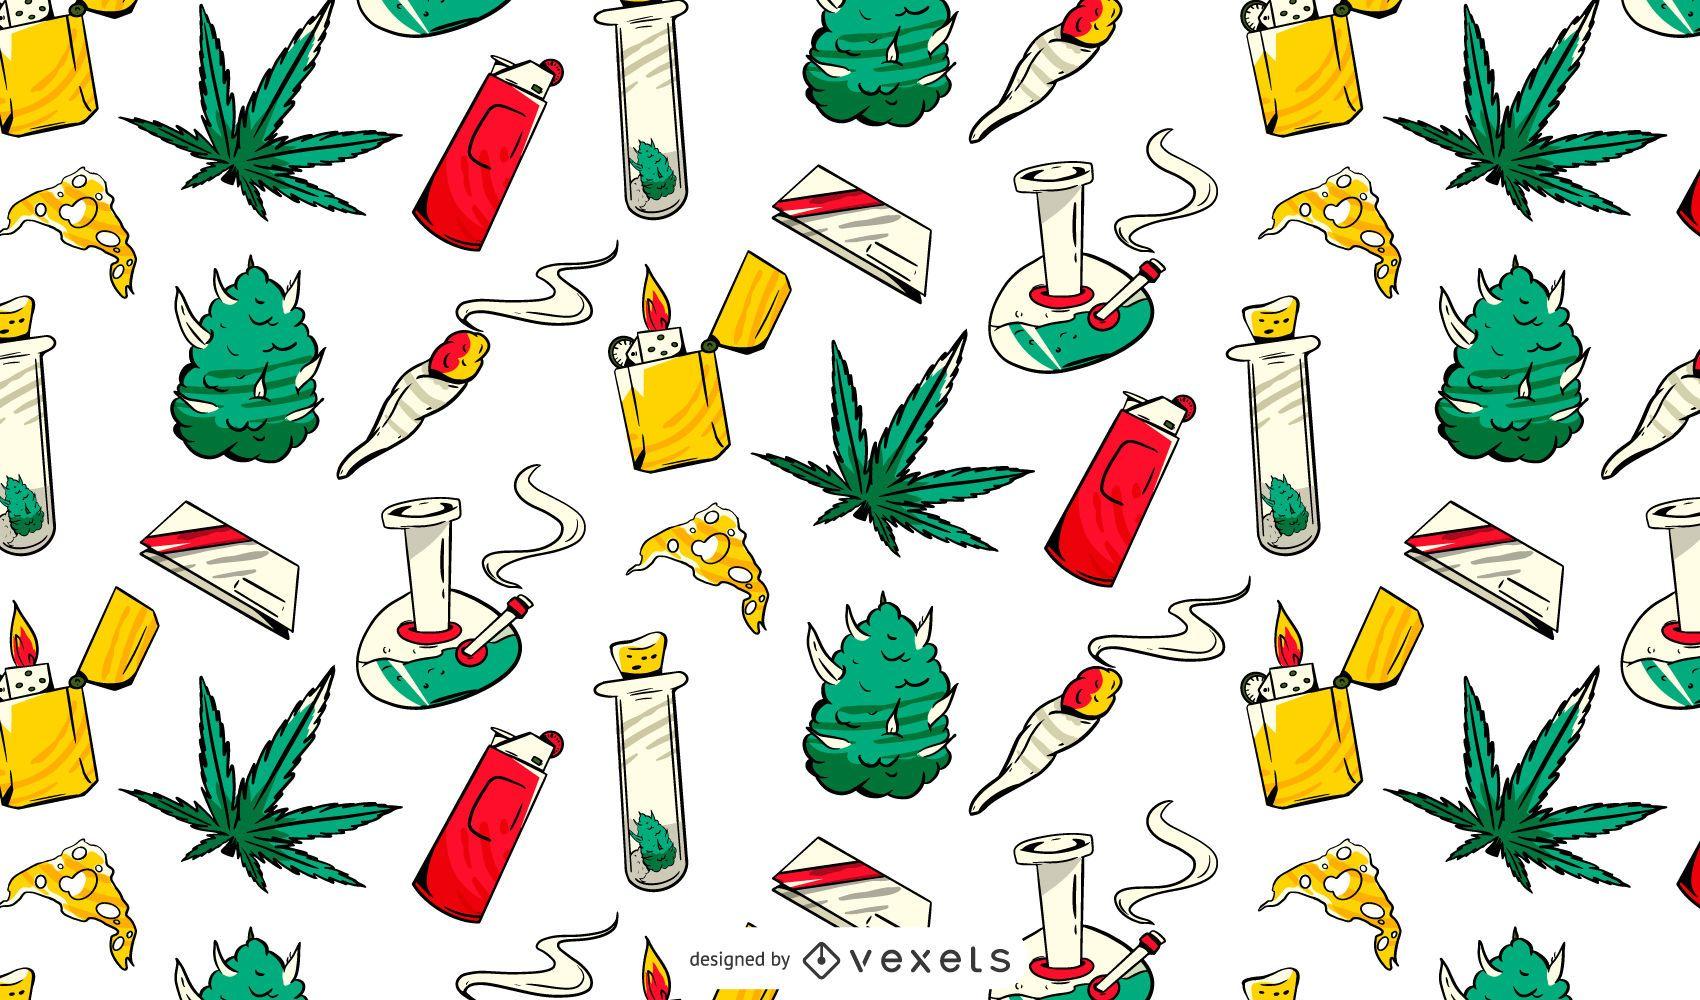 Diseño de patrones de elementos de cannabis